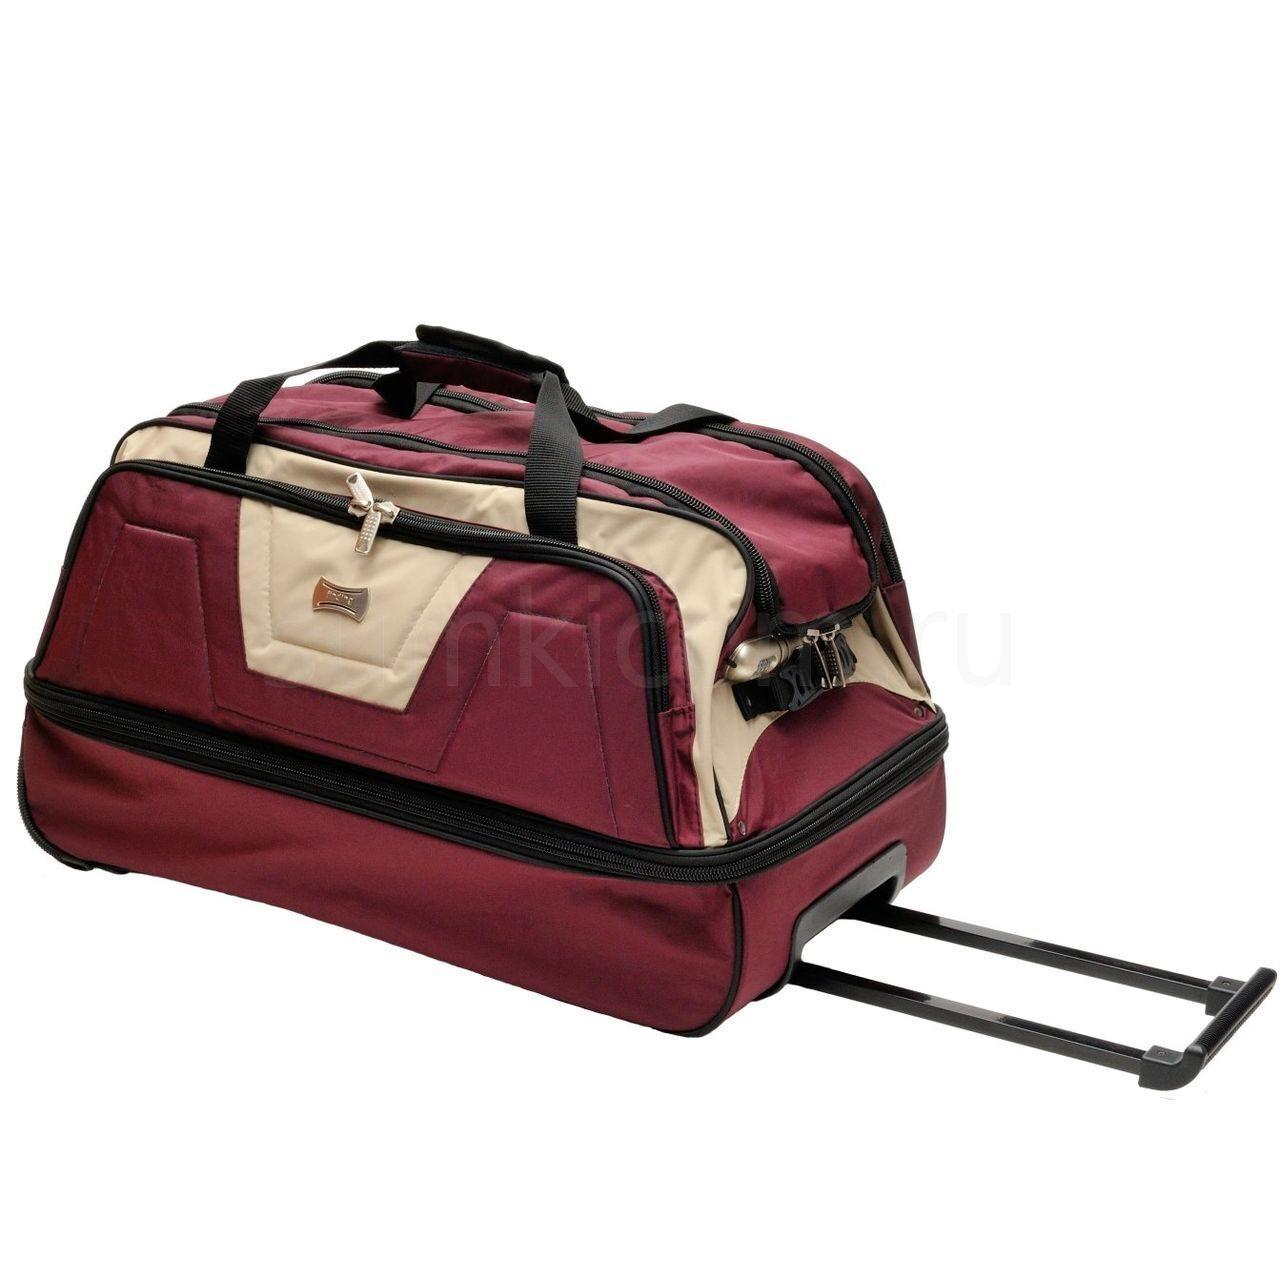 Дорожные сумки на колесах 60-80 литров недорогие и качественные чемоданы на